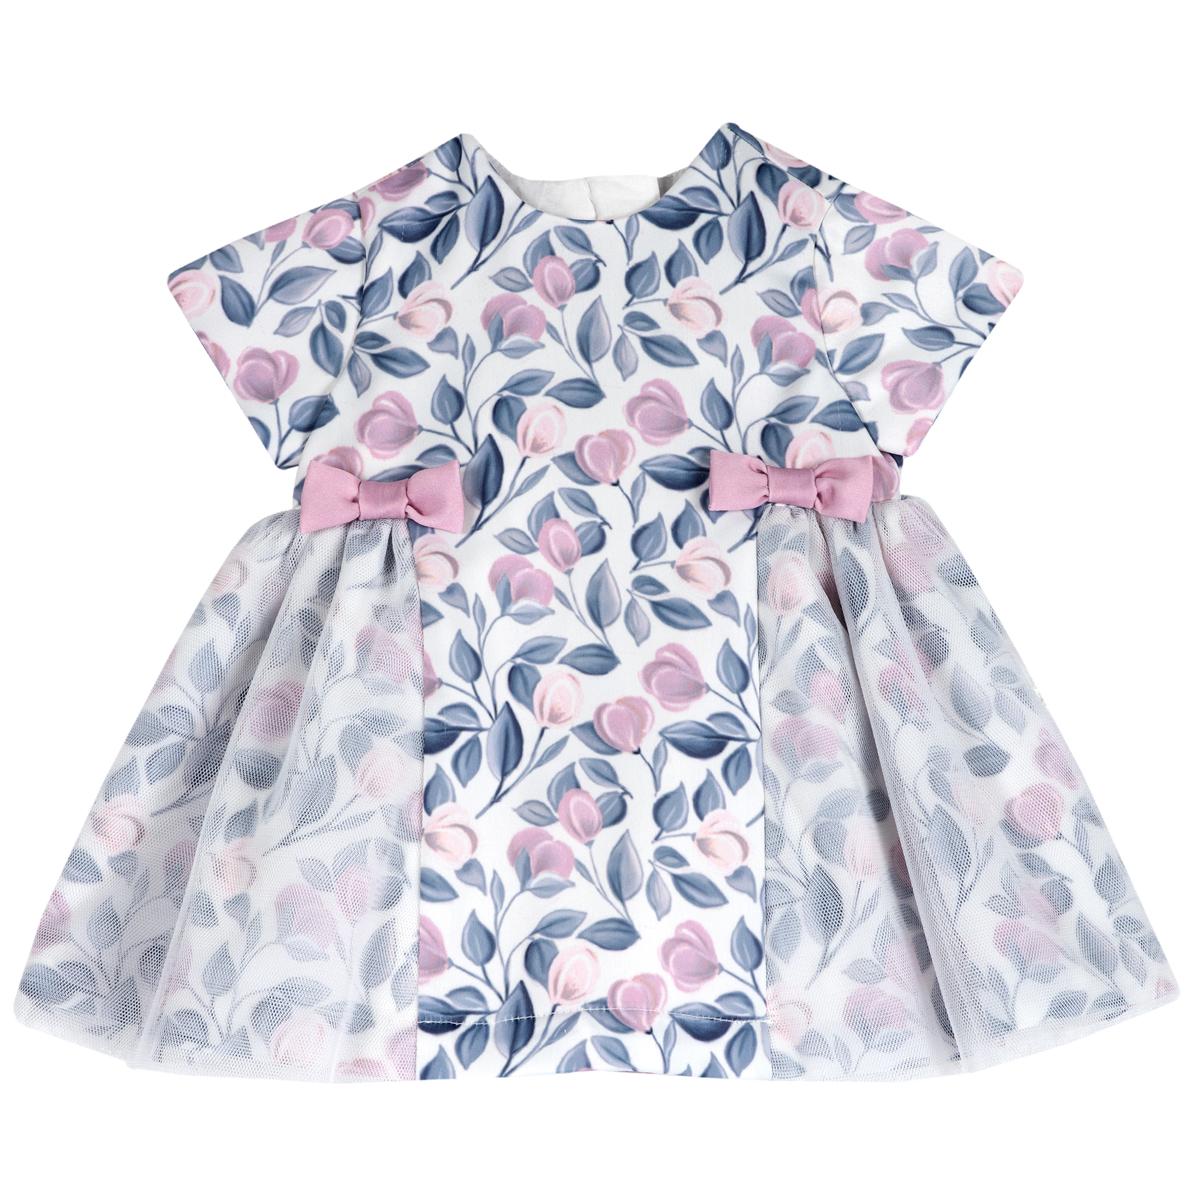 Rochie Copii Chicco, Mprimeu Delicat Cu Flori Roz Si Bleu, 03582 imagine